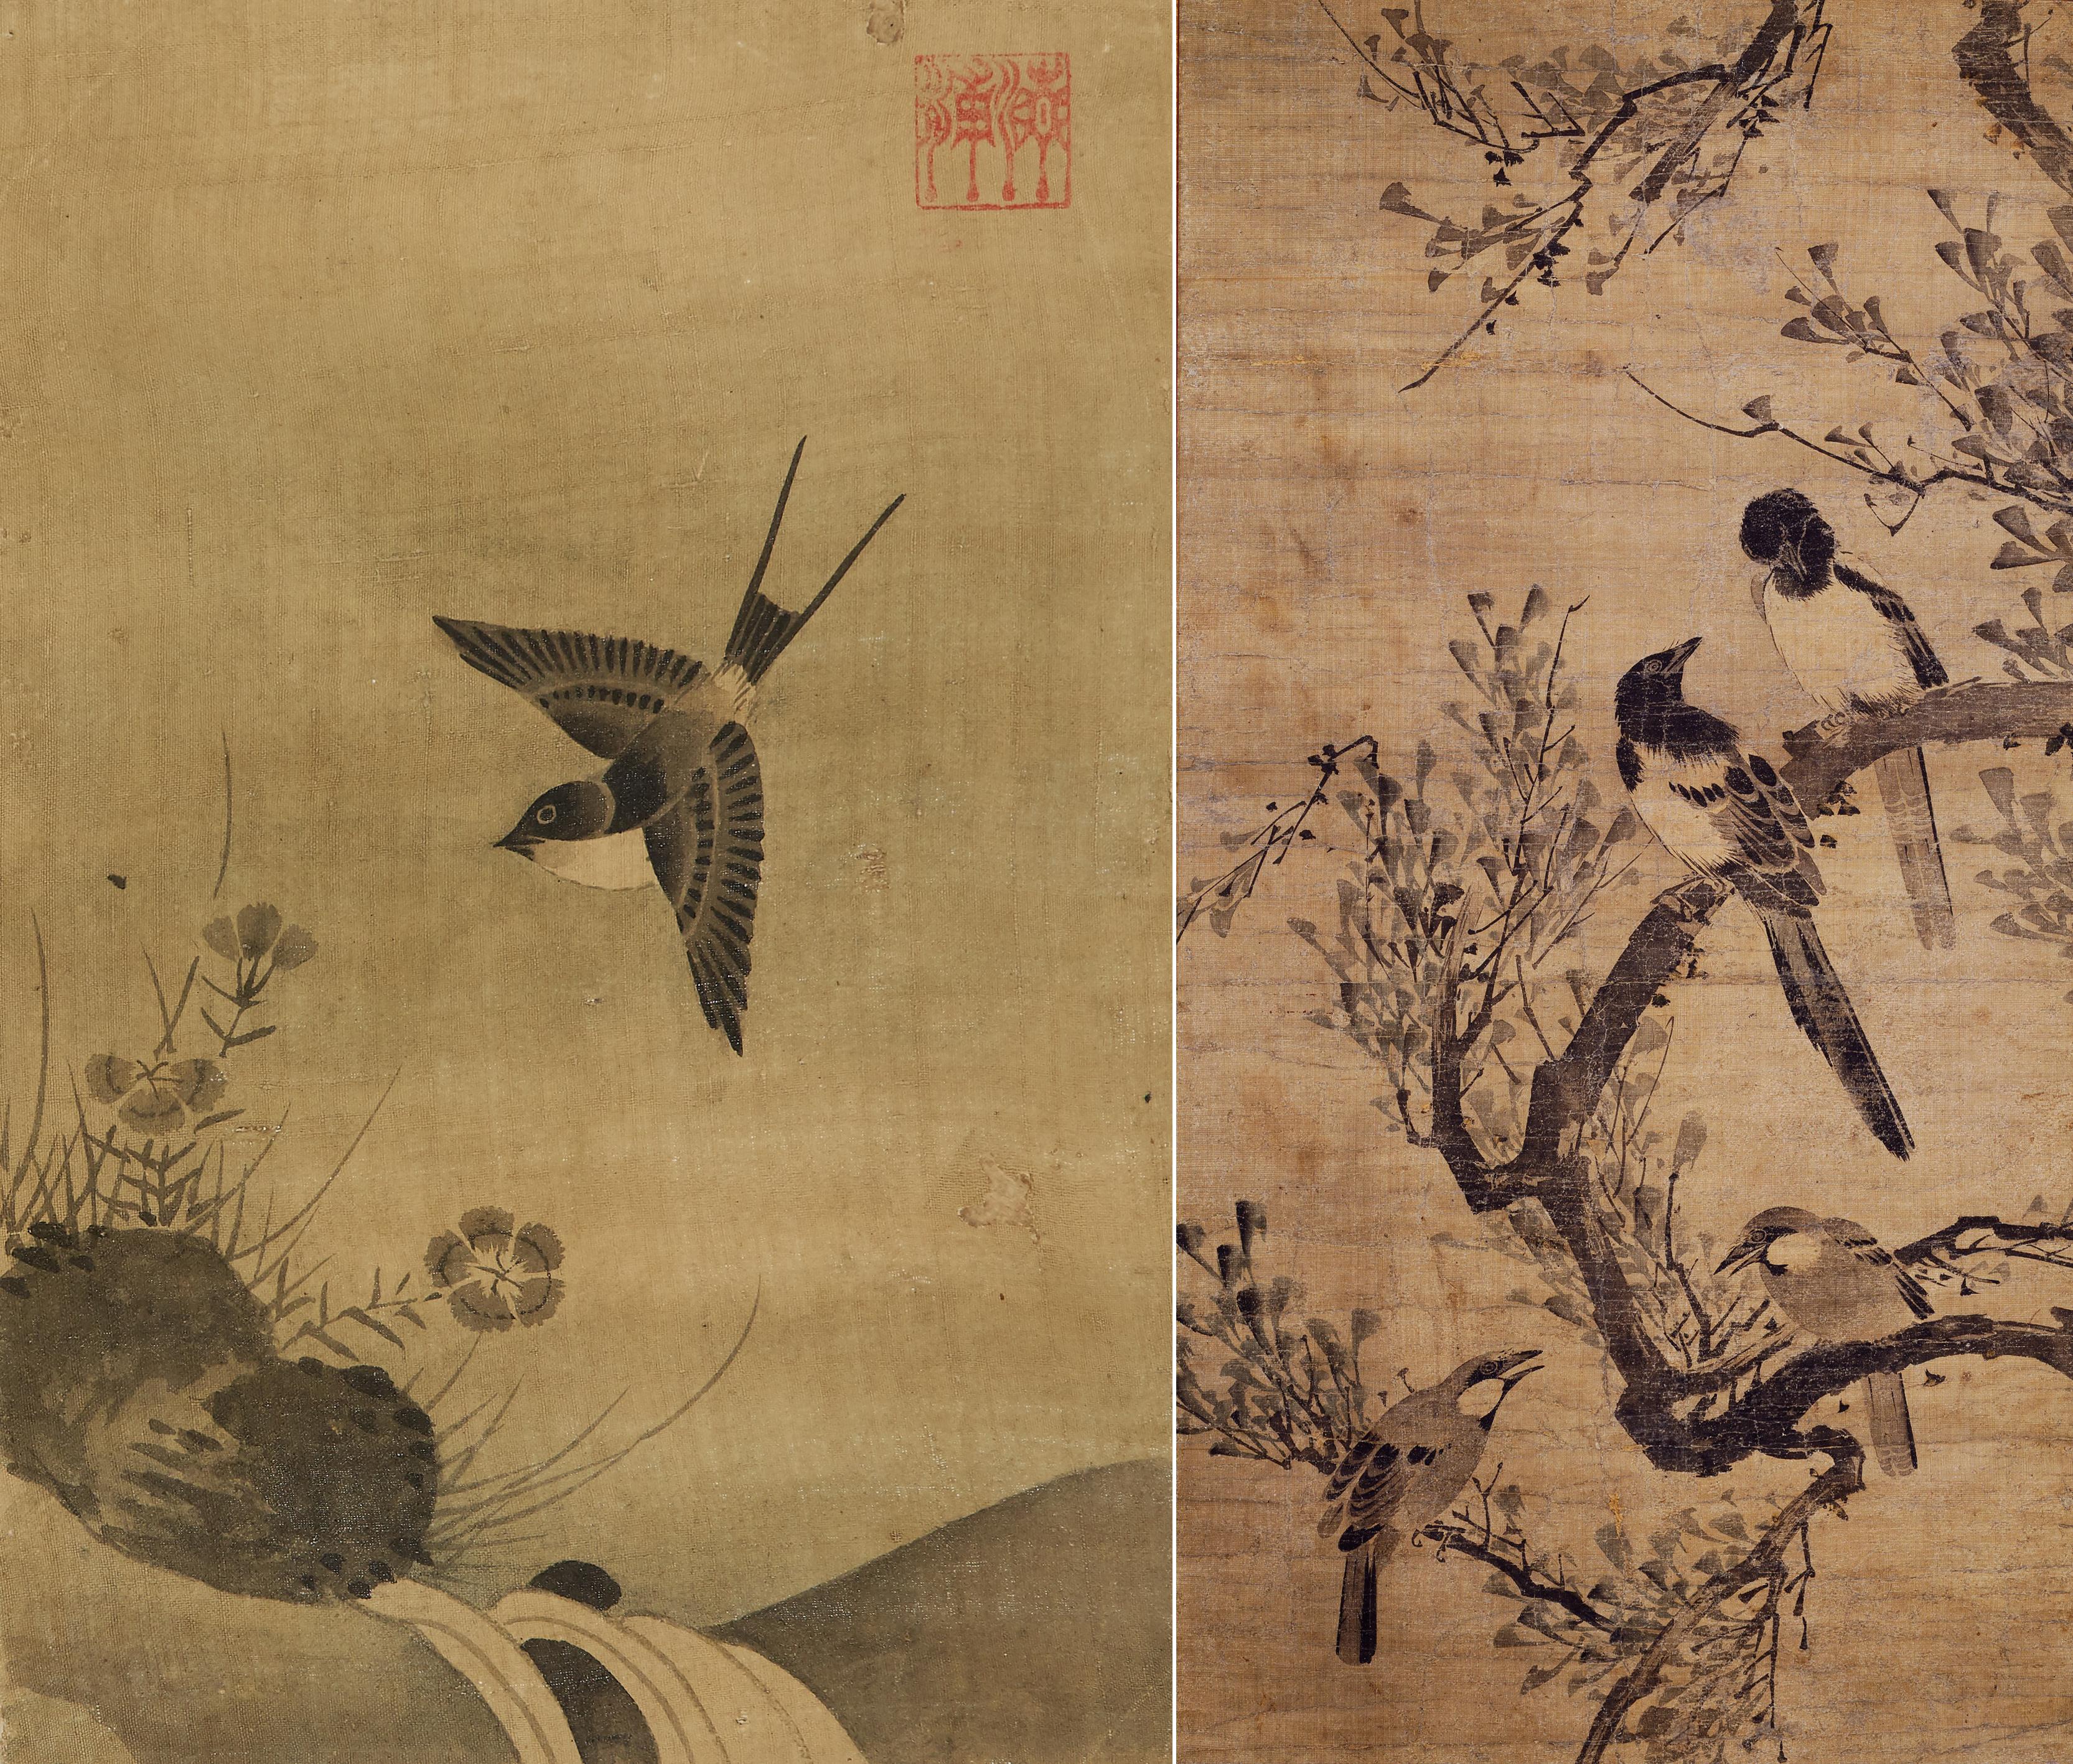 국립중앙박물관 서화실, 조선시대 화조화의 세계로 작품 교체